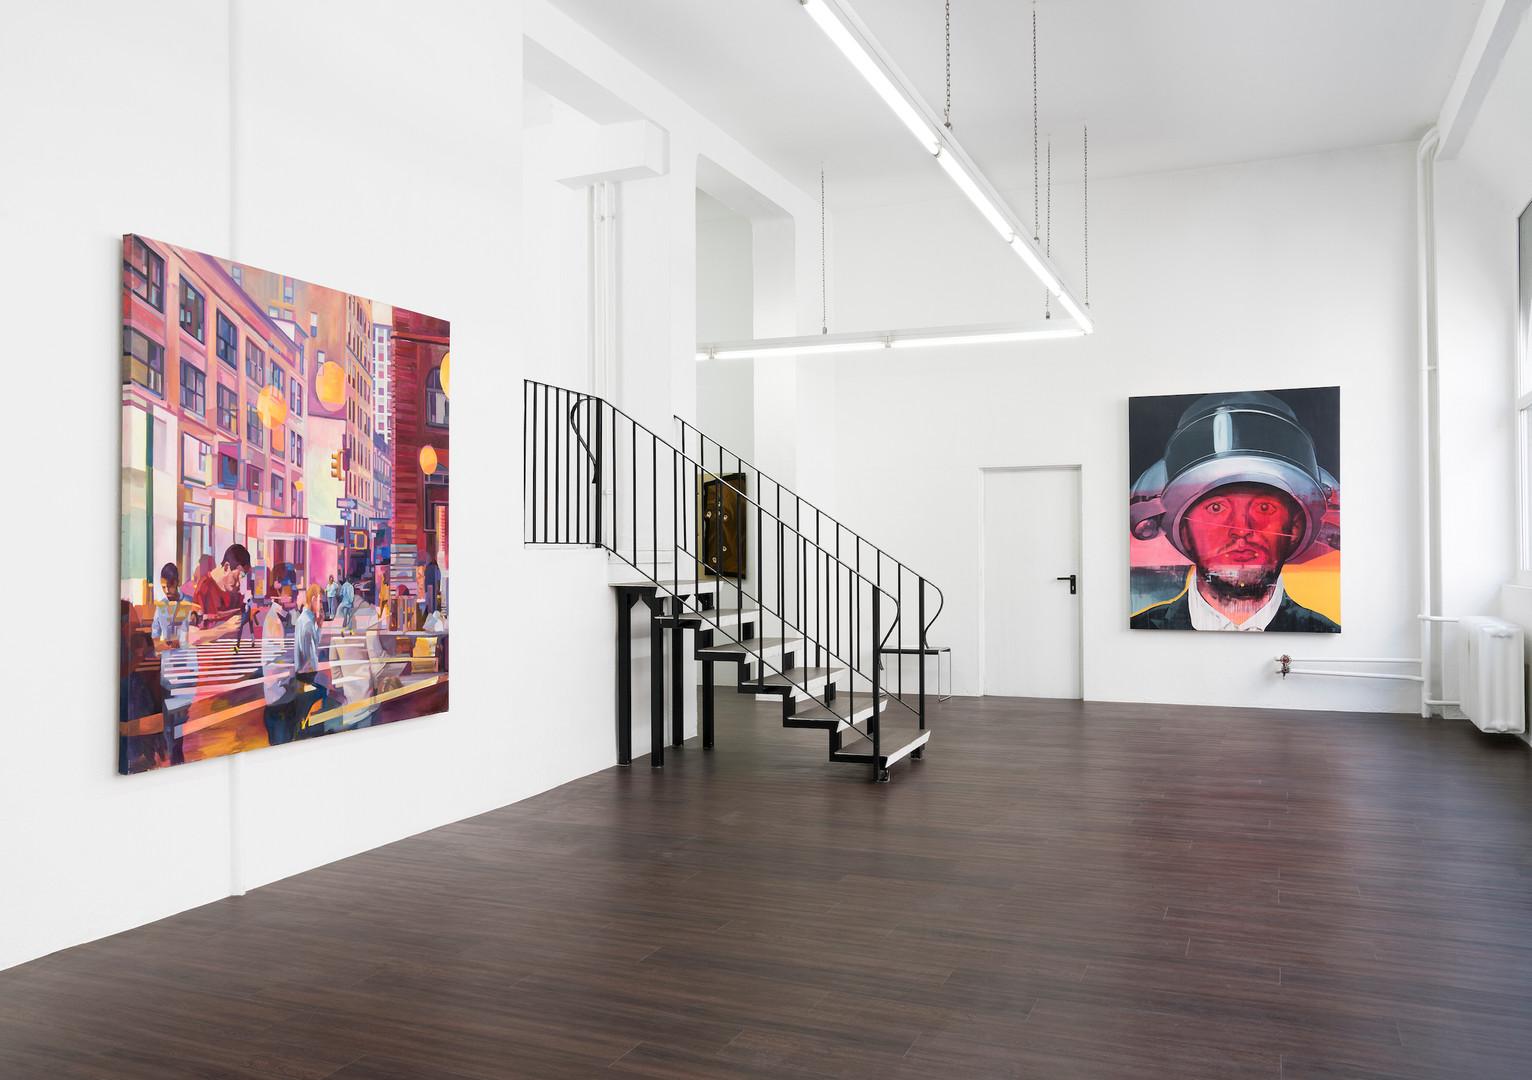 """Ausstellungsansicht """"Eyes wide open"""" in der Kunsthalle Ludwig, Frankfurt: Felix Eckardt Melting scene 2016 Öl auf Leinwand 180 x 180 cm und Timo von Eicken The Heat is On 2016 Öl und Acryl auf Leinwand 190 x 160 cm"""